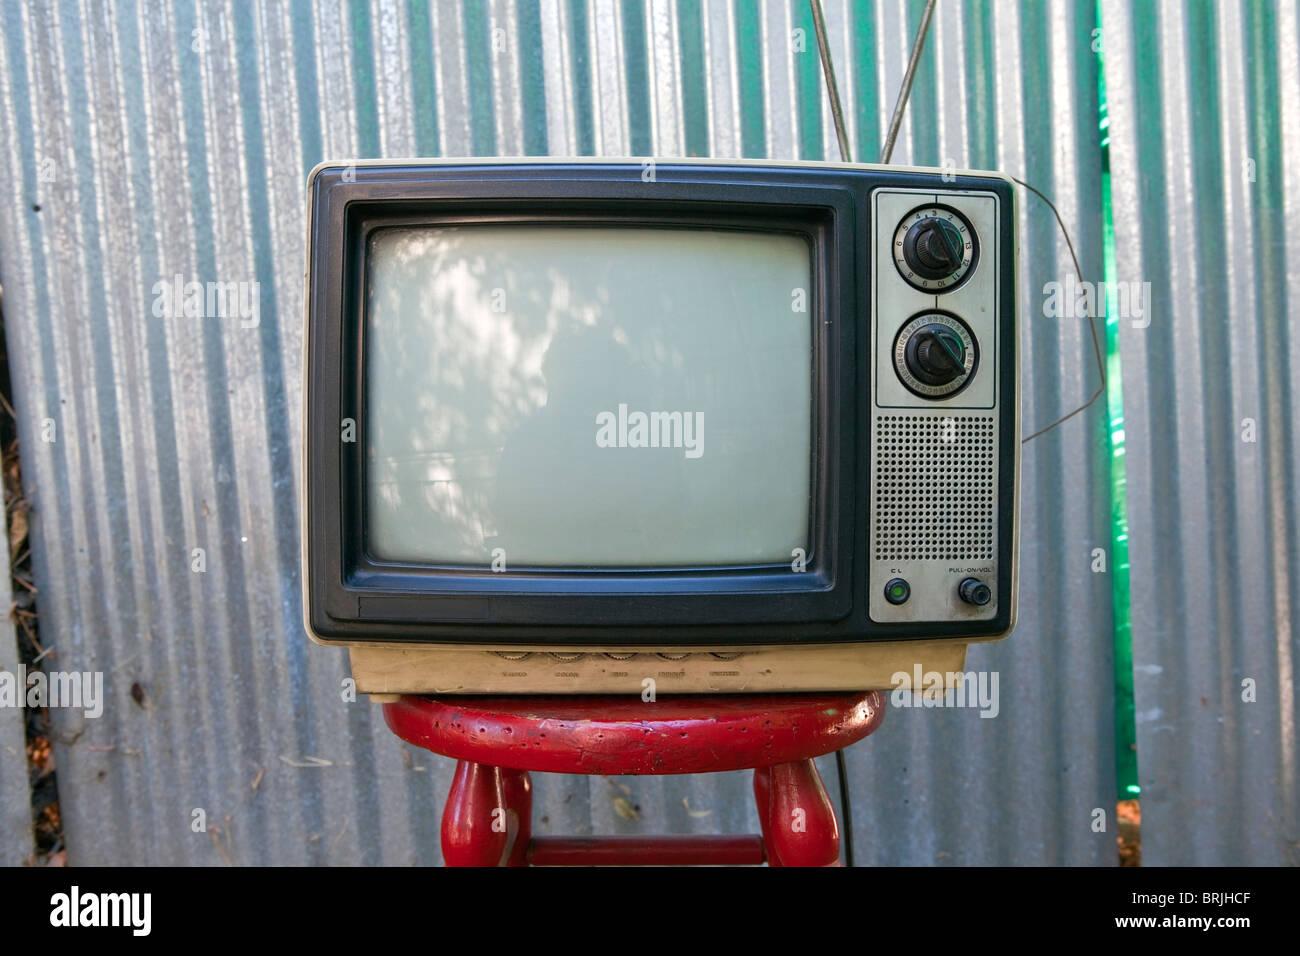 Beat up backyard TV set awaits another broadcast. - Stock Image